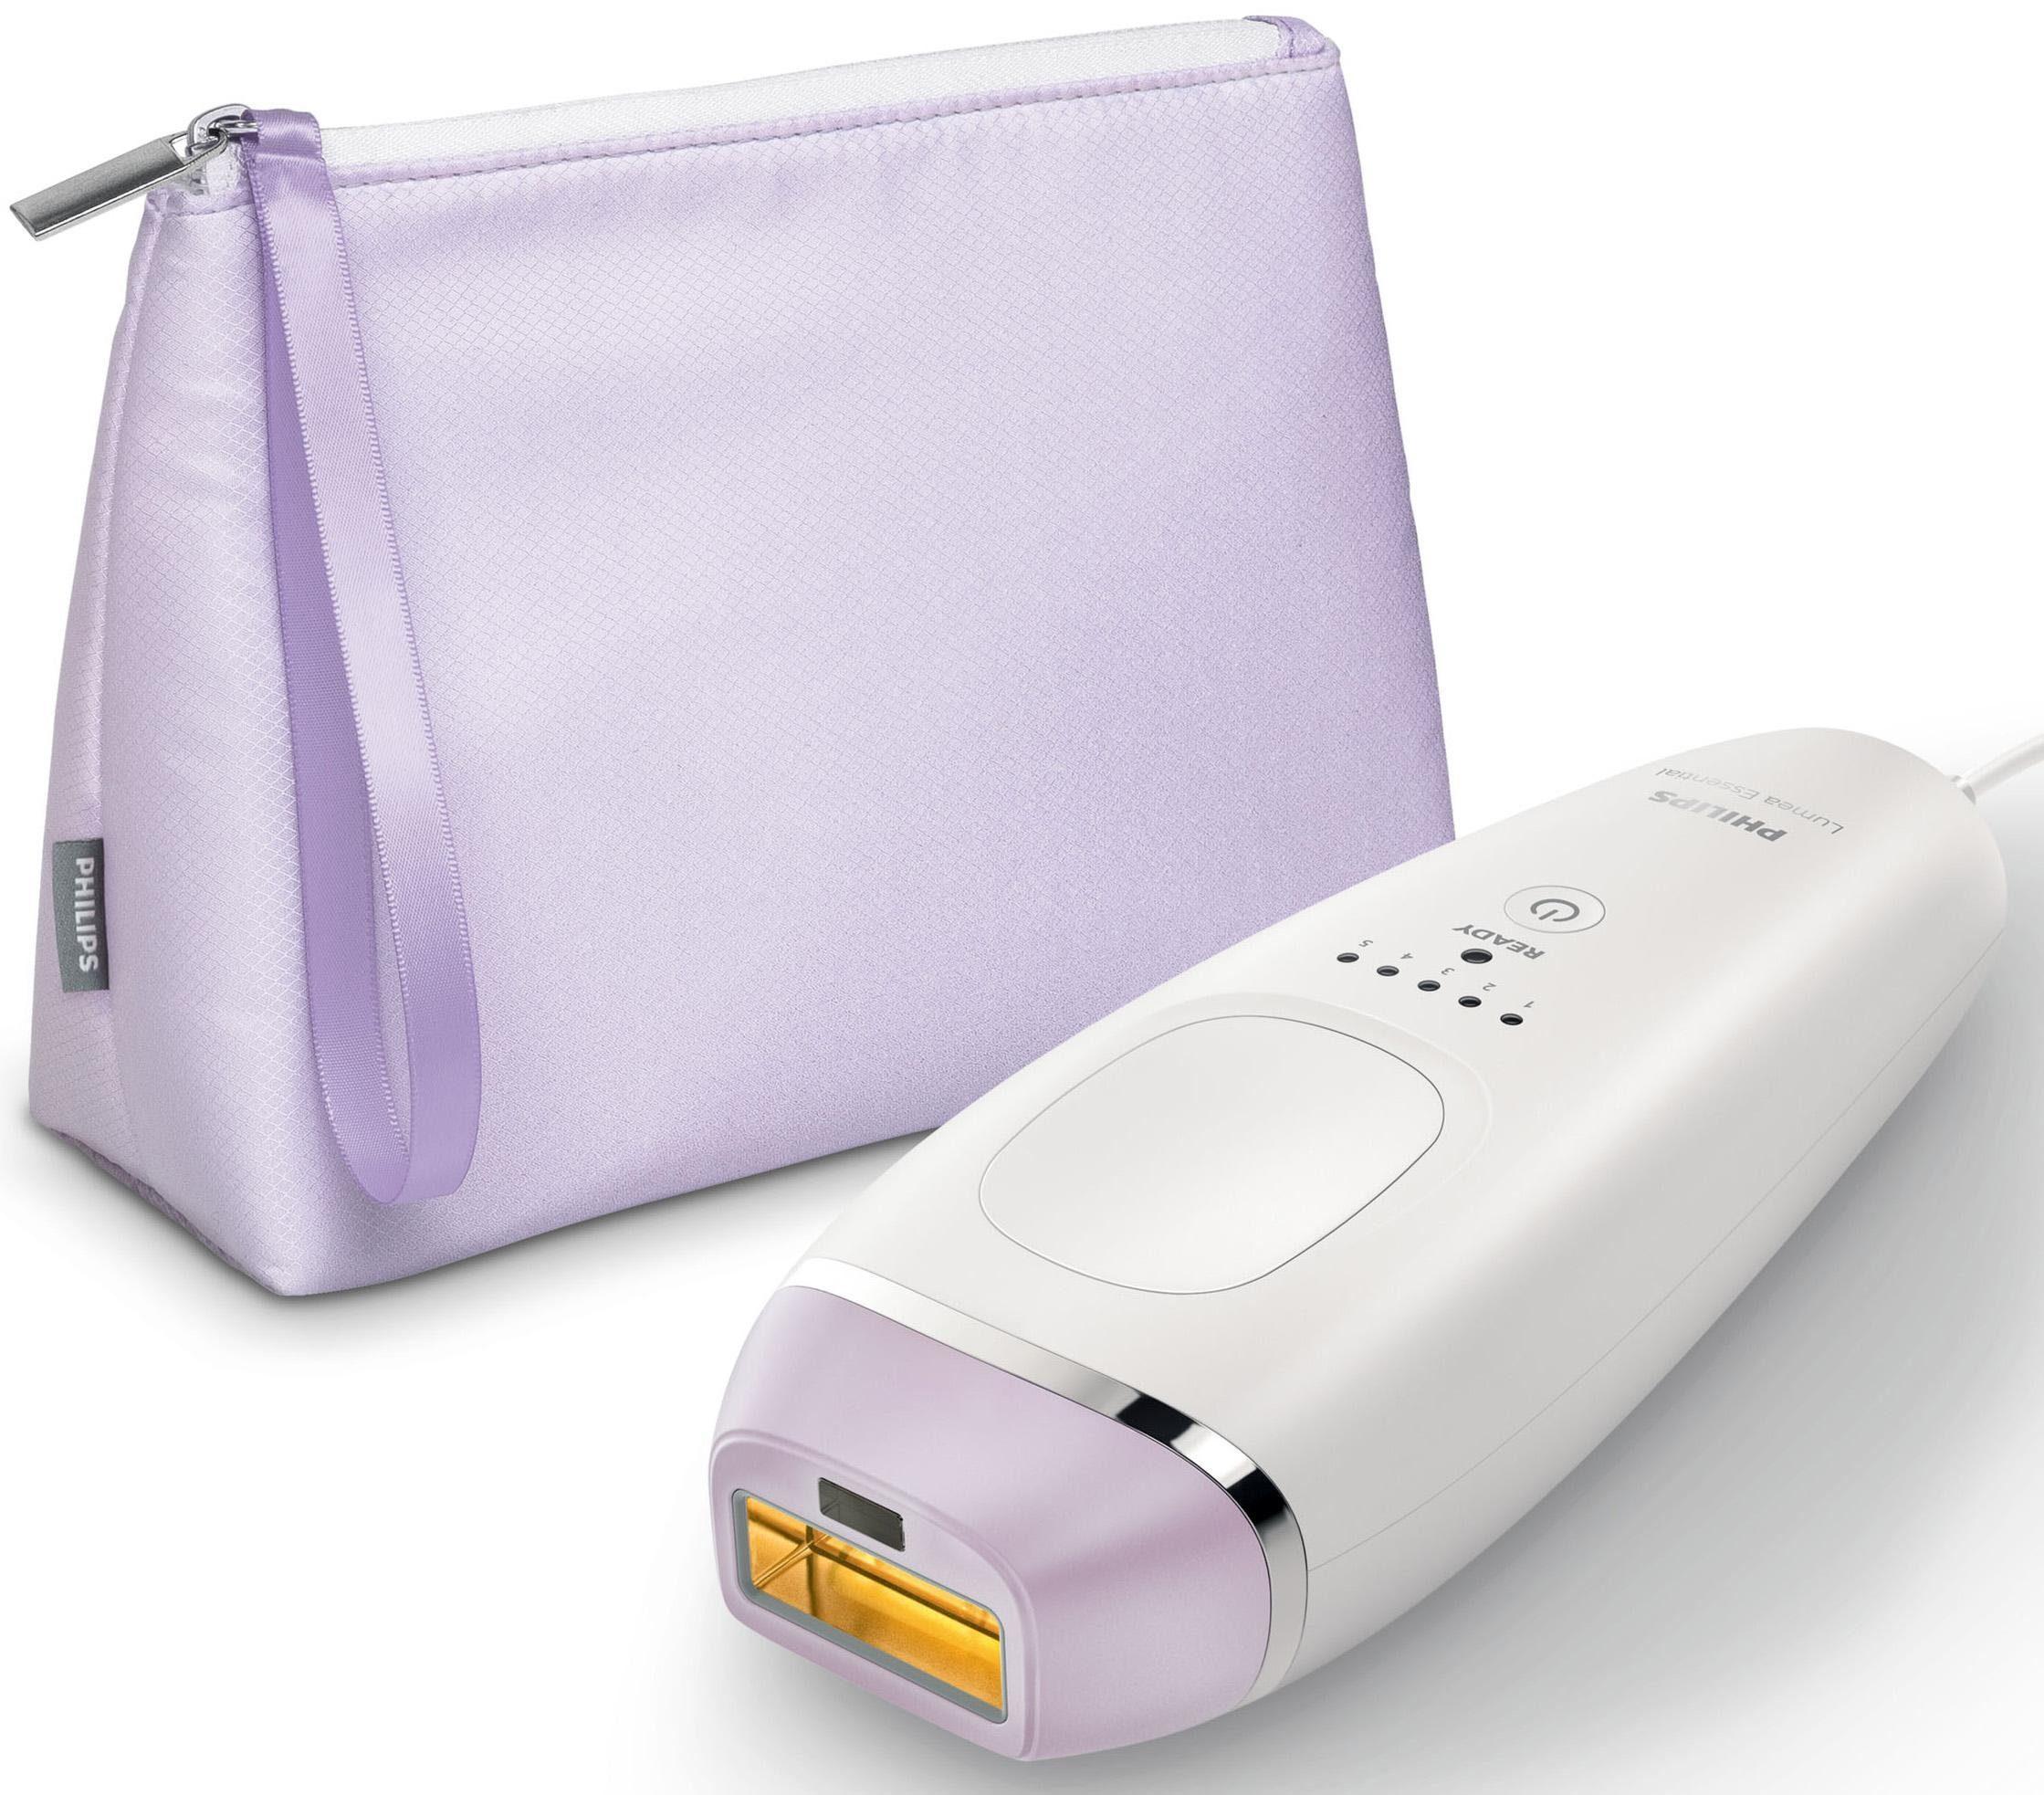 Philips BRI863 Lumea Essential